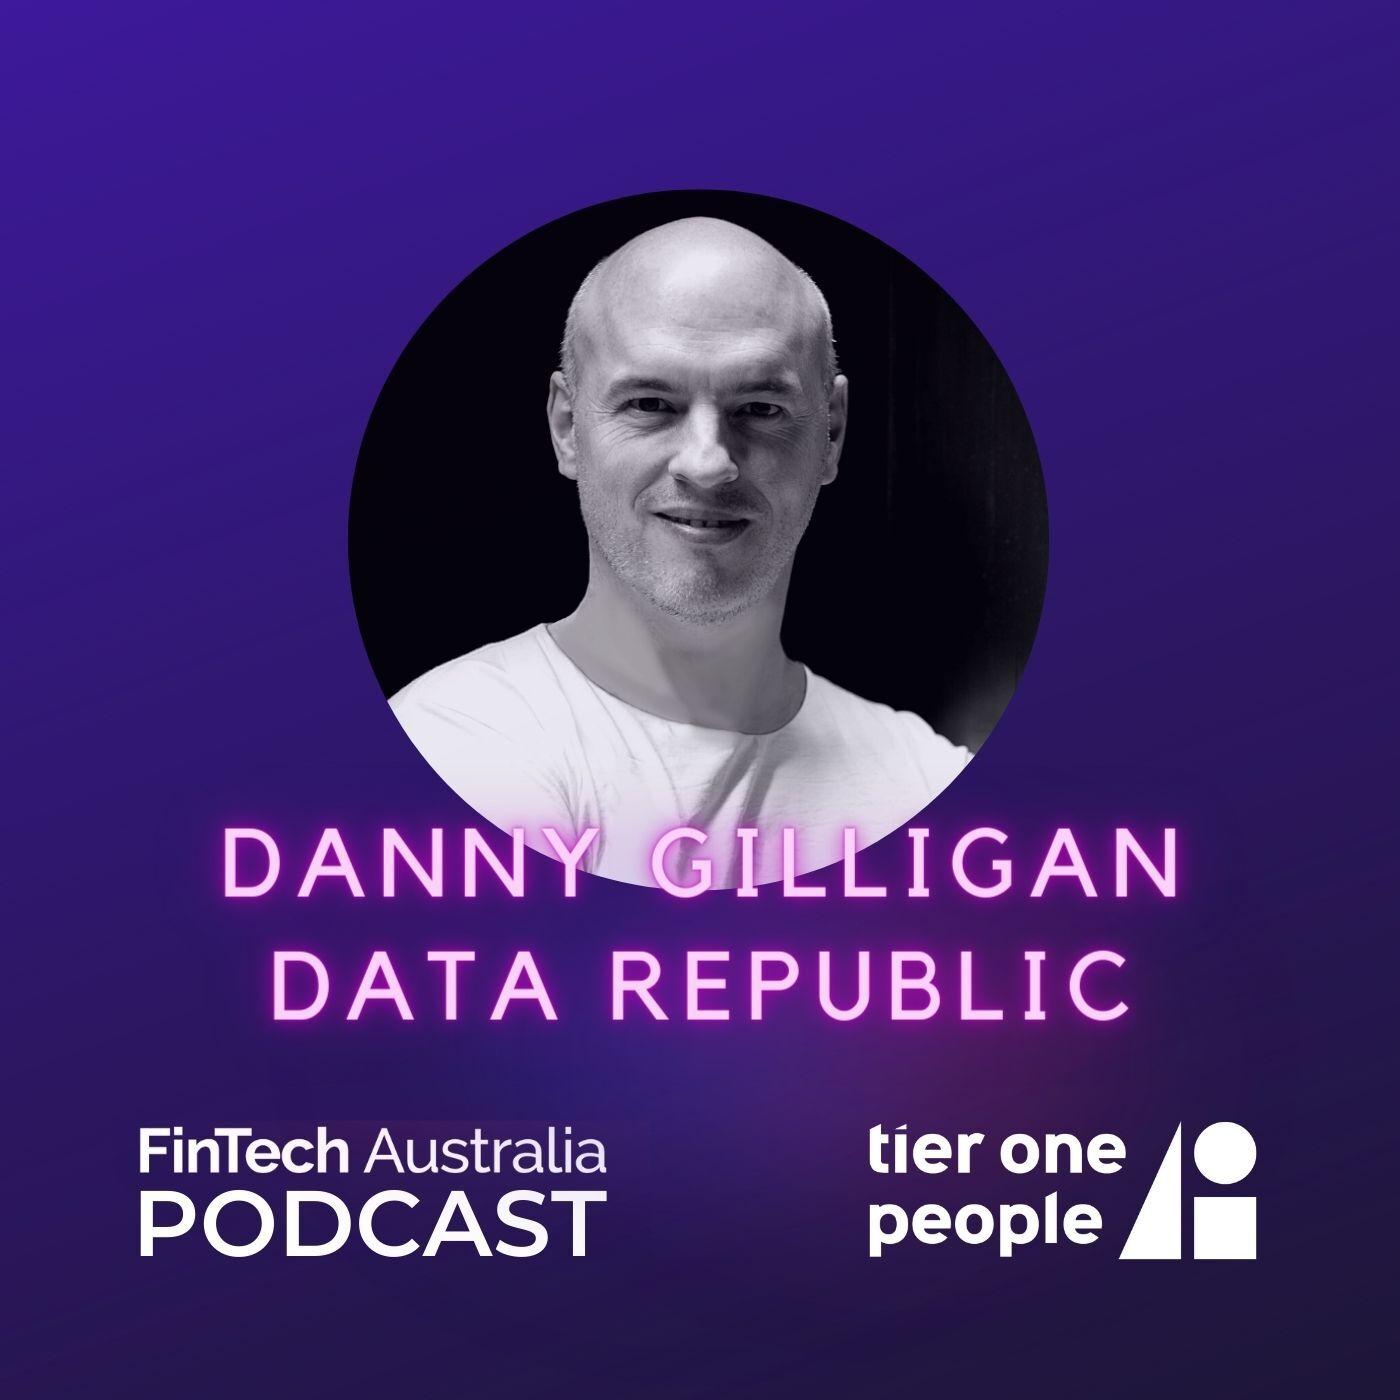 #61 Danny Gilligan - Data Republic